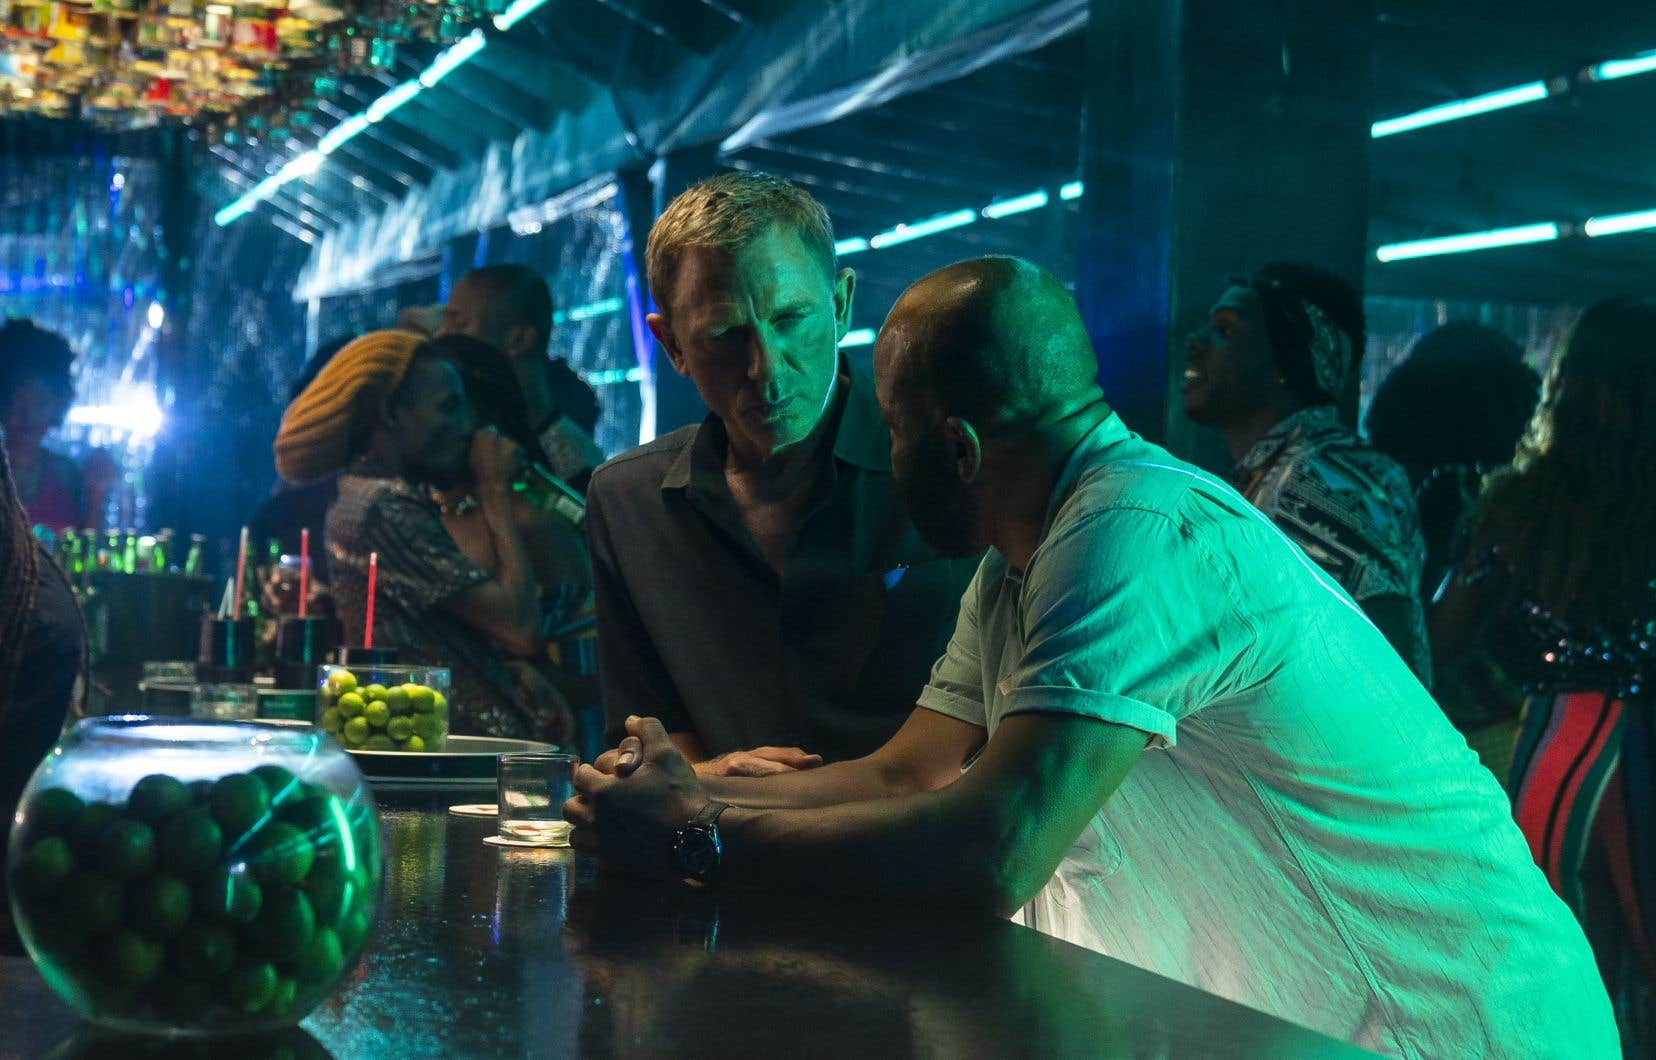 James Bond (Daniel Craig) et Felix Leiter (Jeffrey Wright) dans «No Time to Die», un cru anniversaire puisqu'il s'agit du 25e film «officiel» de la vénérable série. C'est également le plus long.